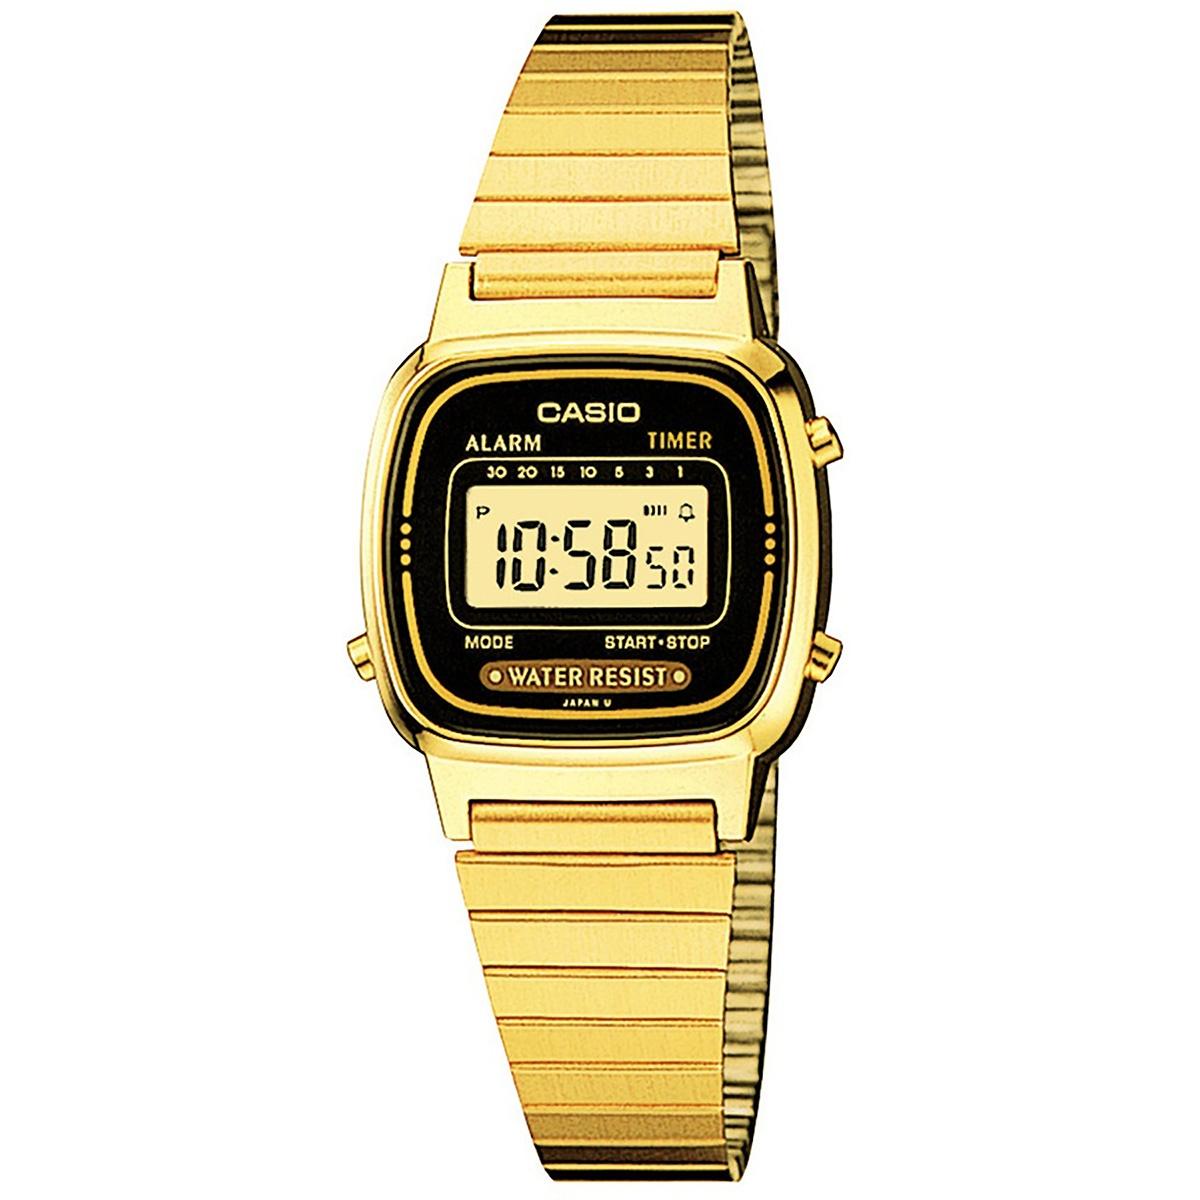 Goldene Casio